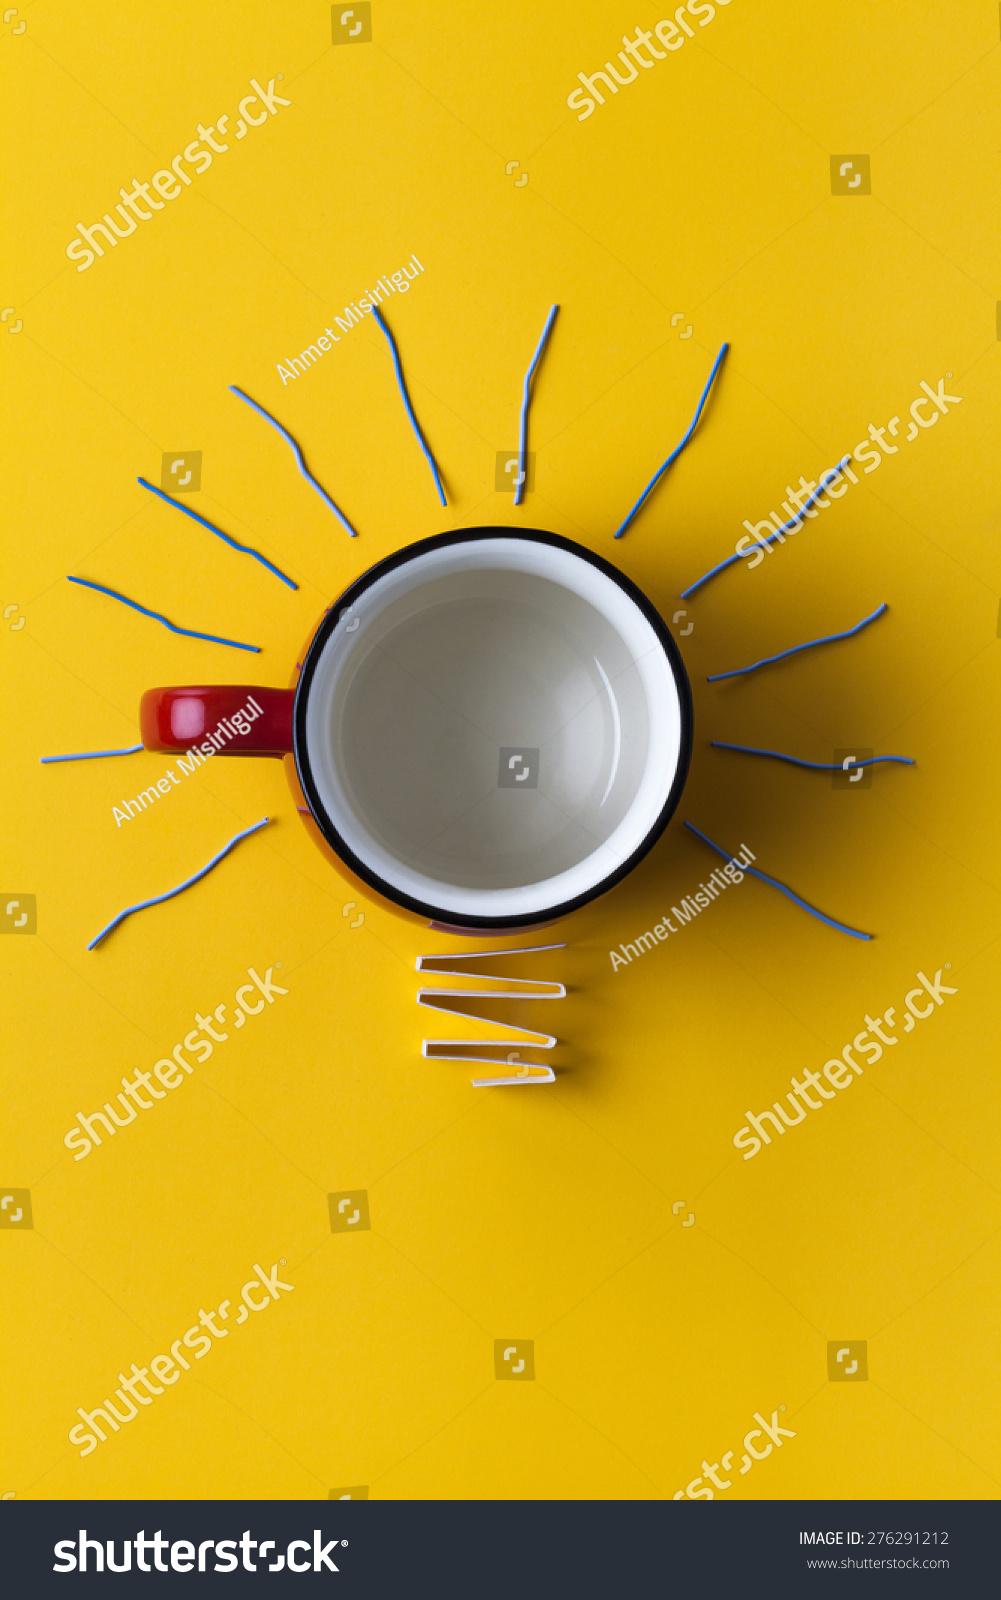 灵感咖啡杯灯泡概念隐喻的好主意